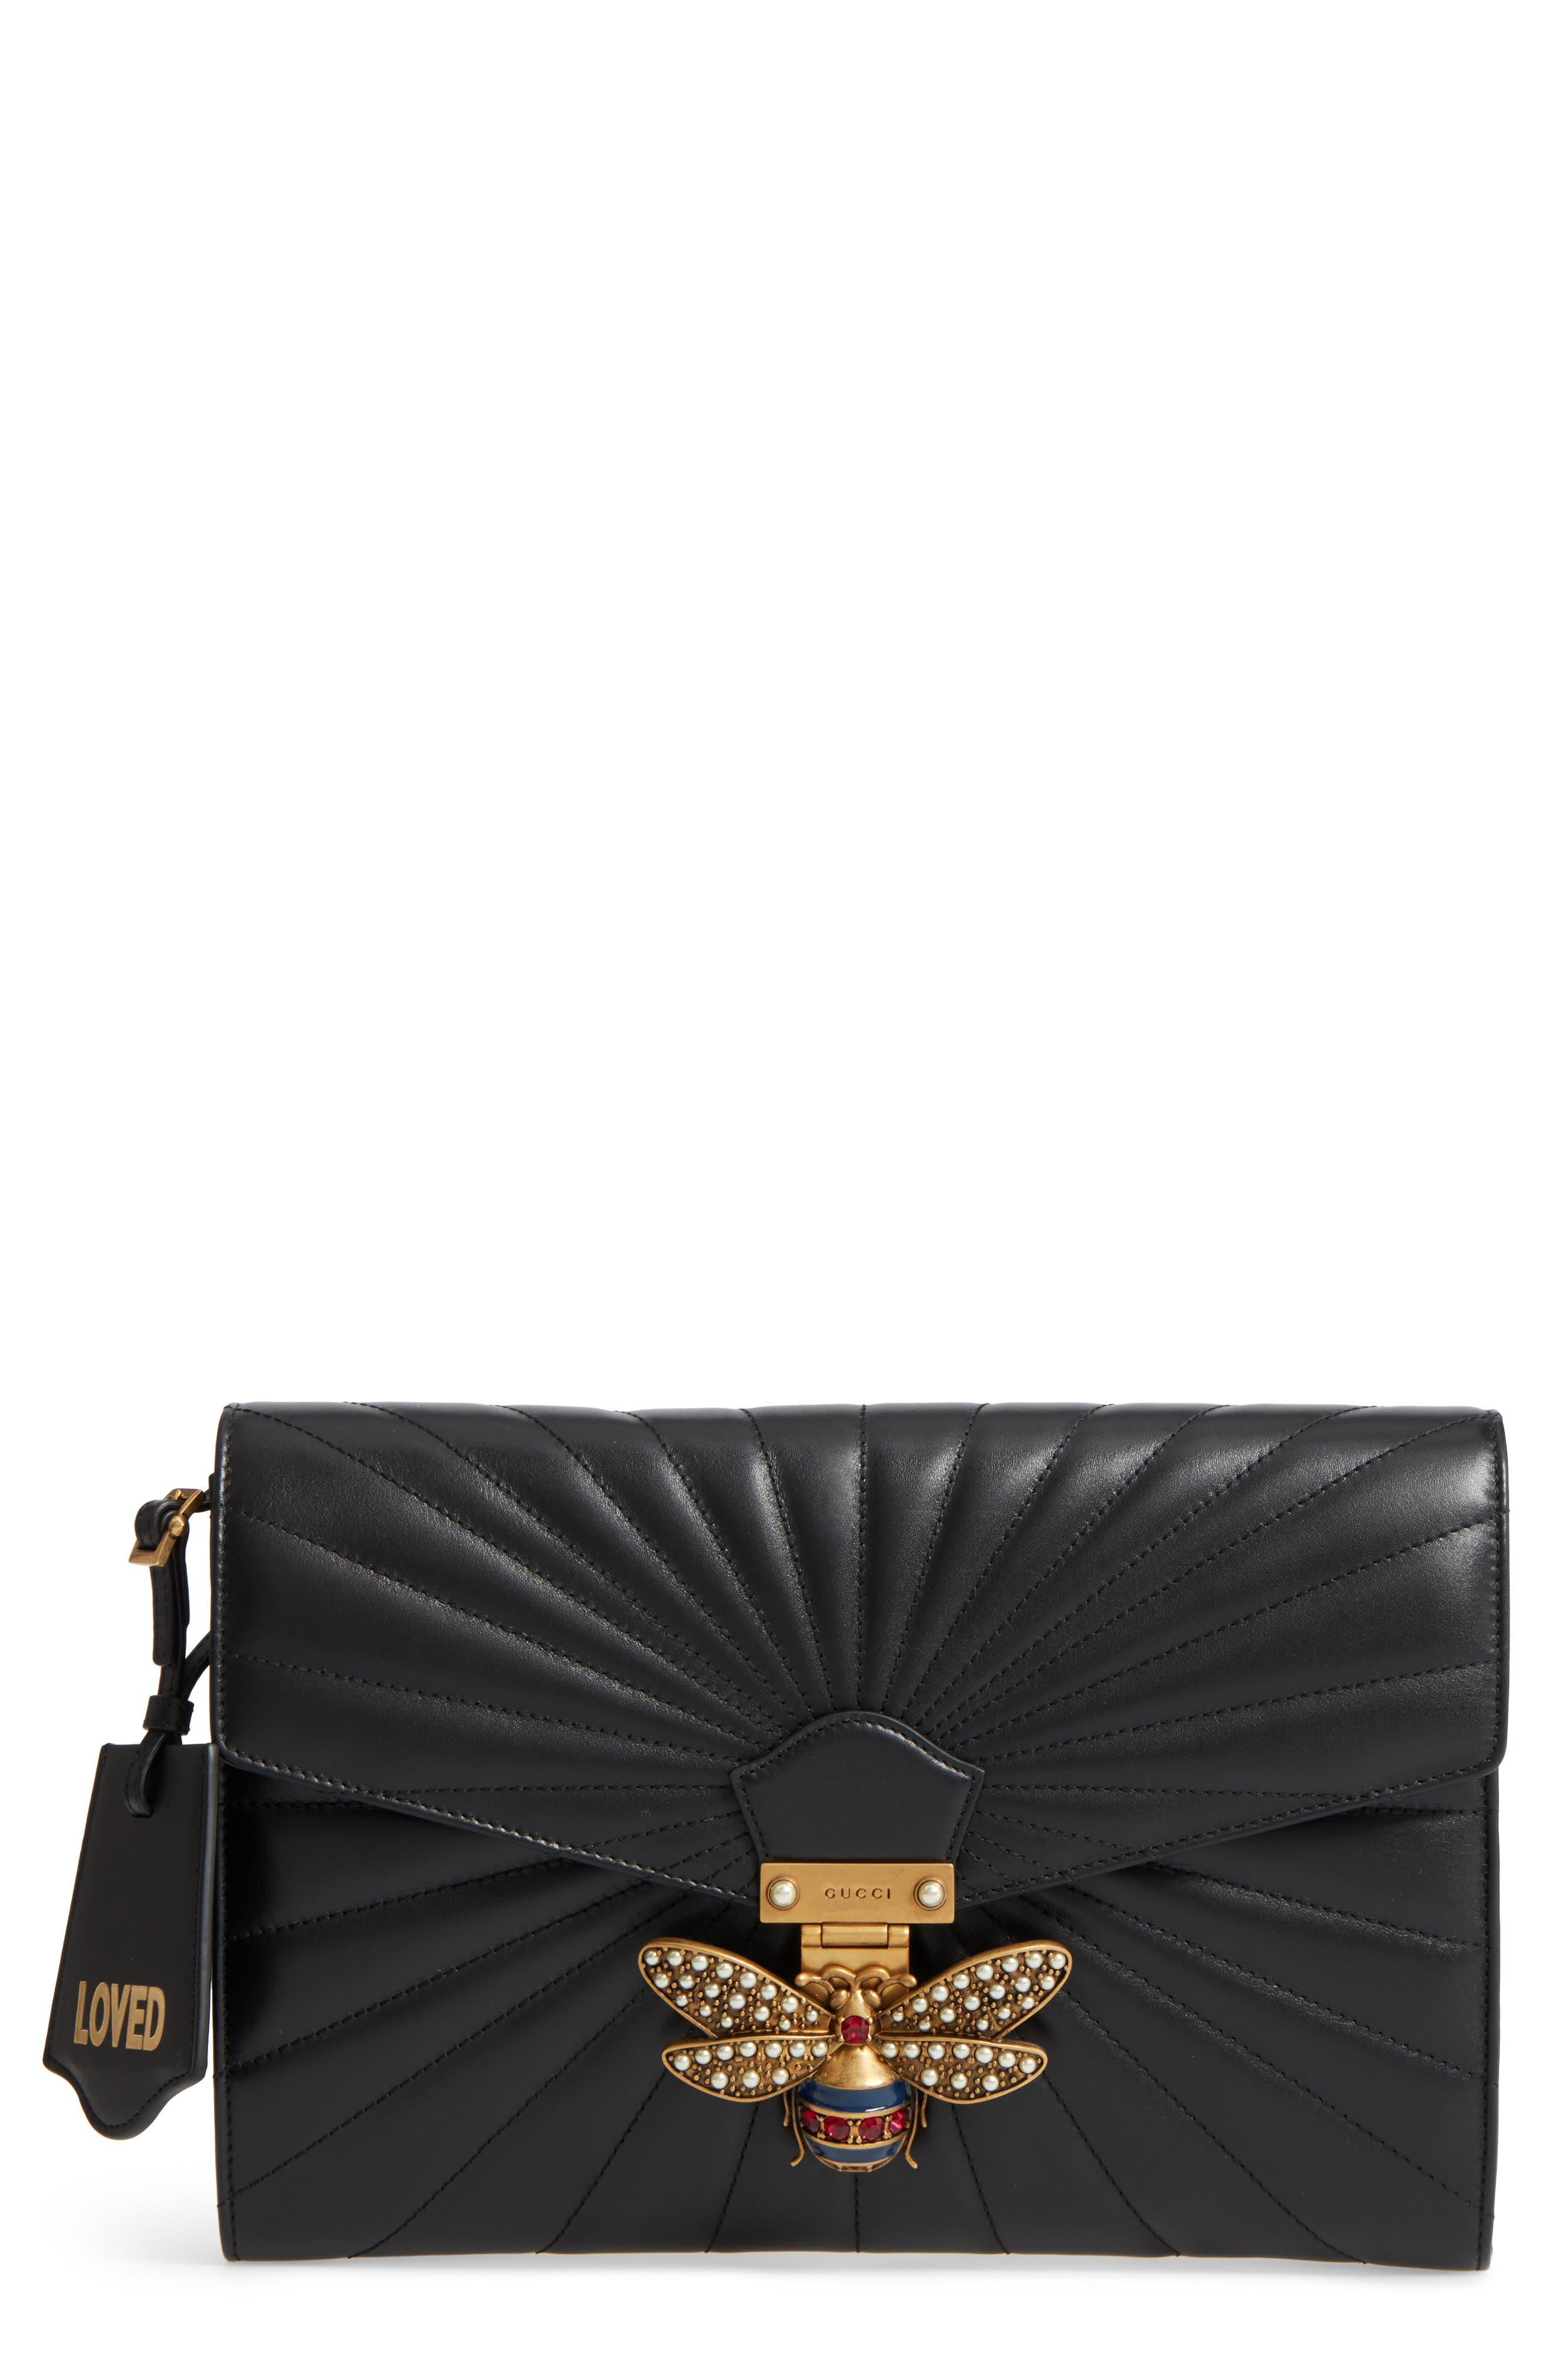 GUCCI Queen Margaret Matelassé Leather Clutch